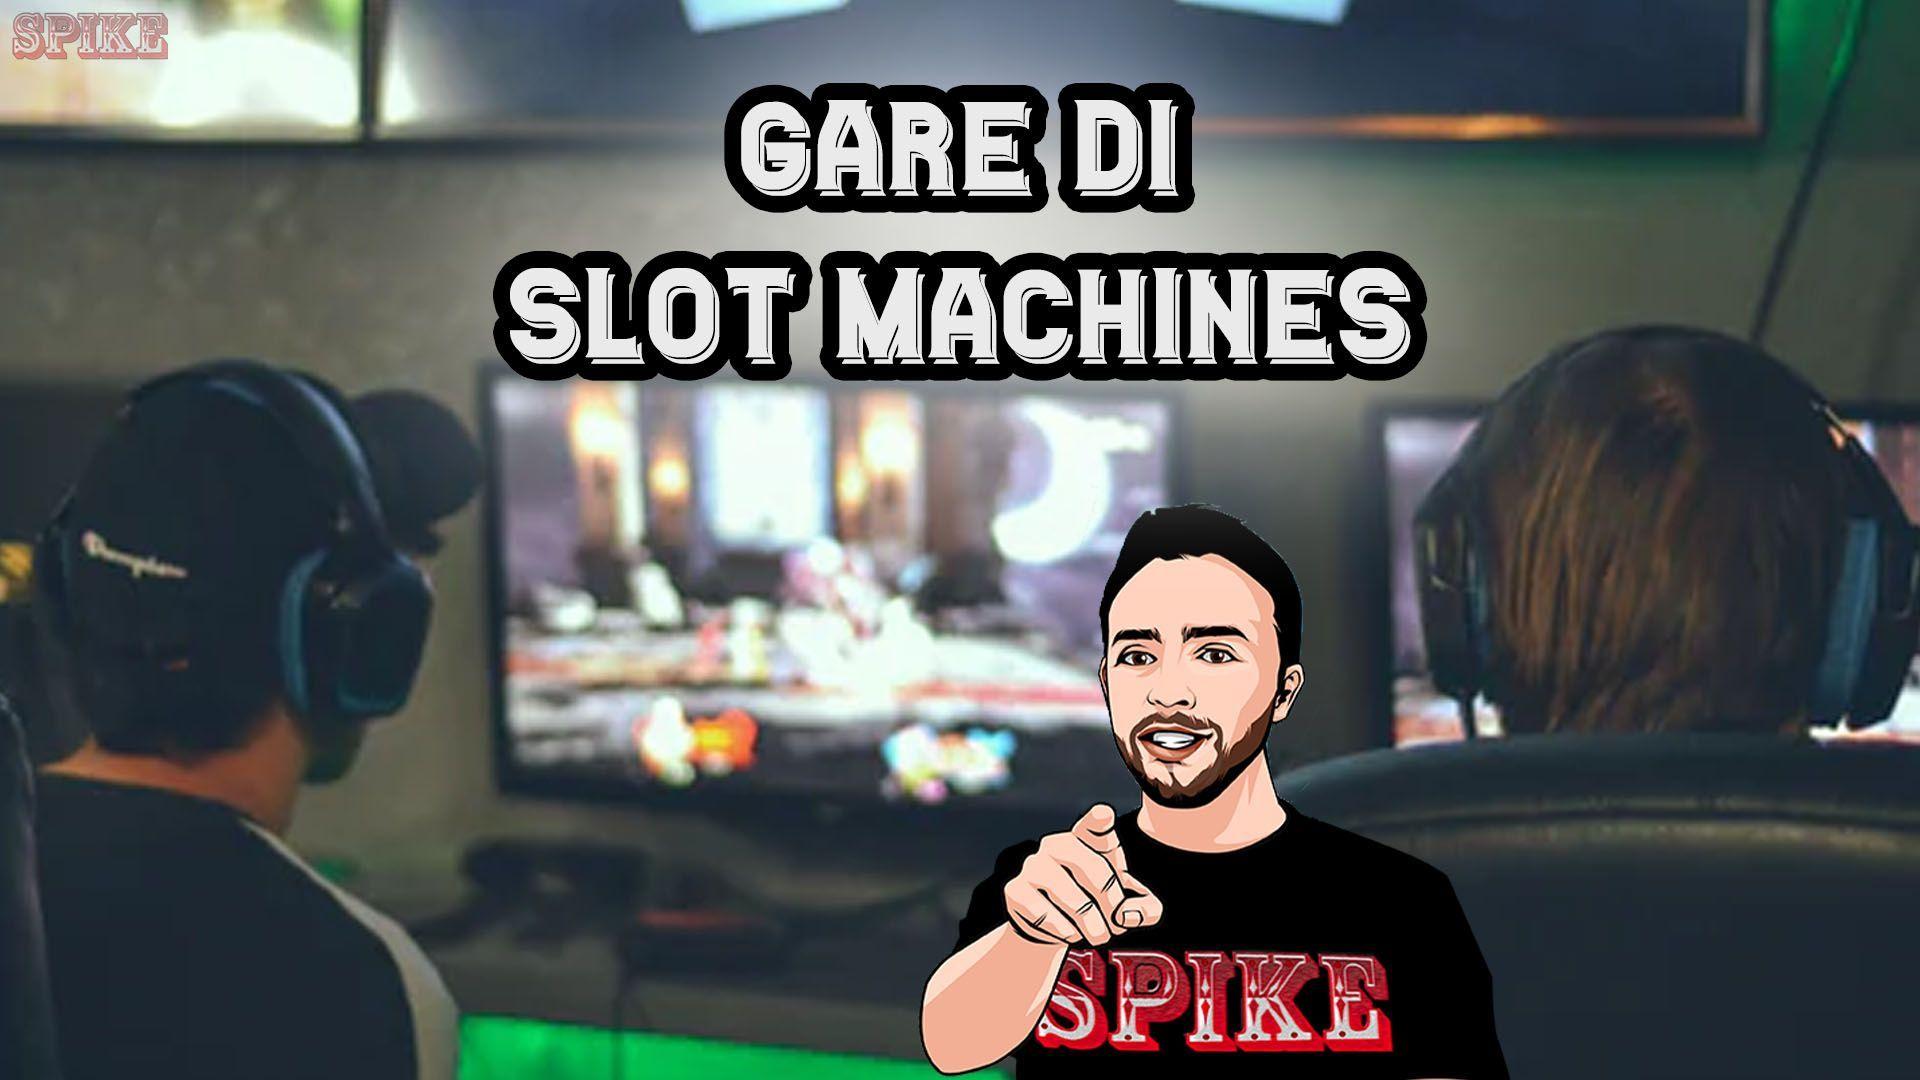 Gare di Slot Machines